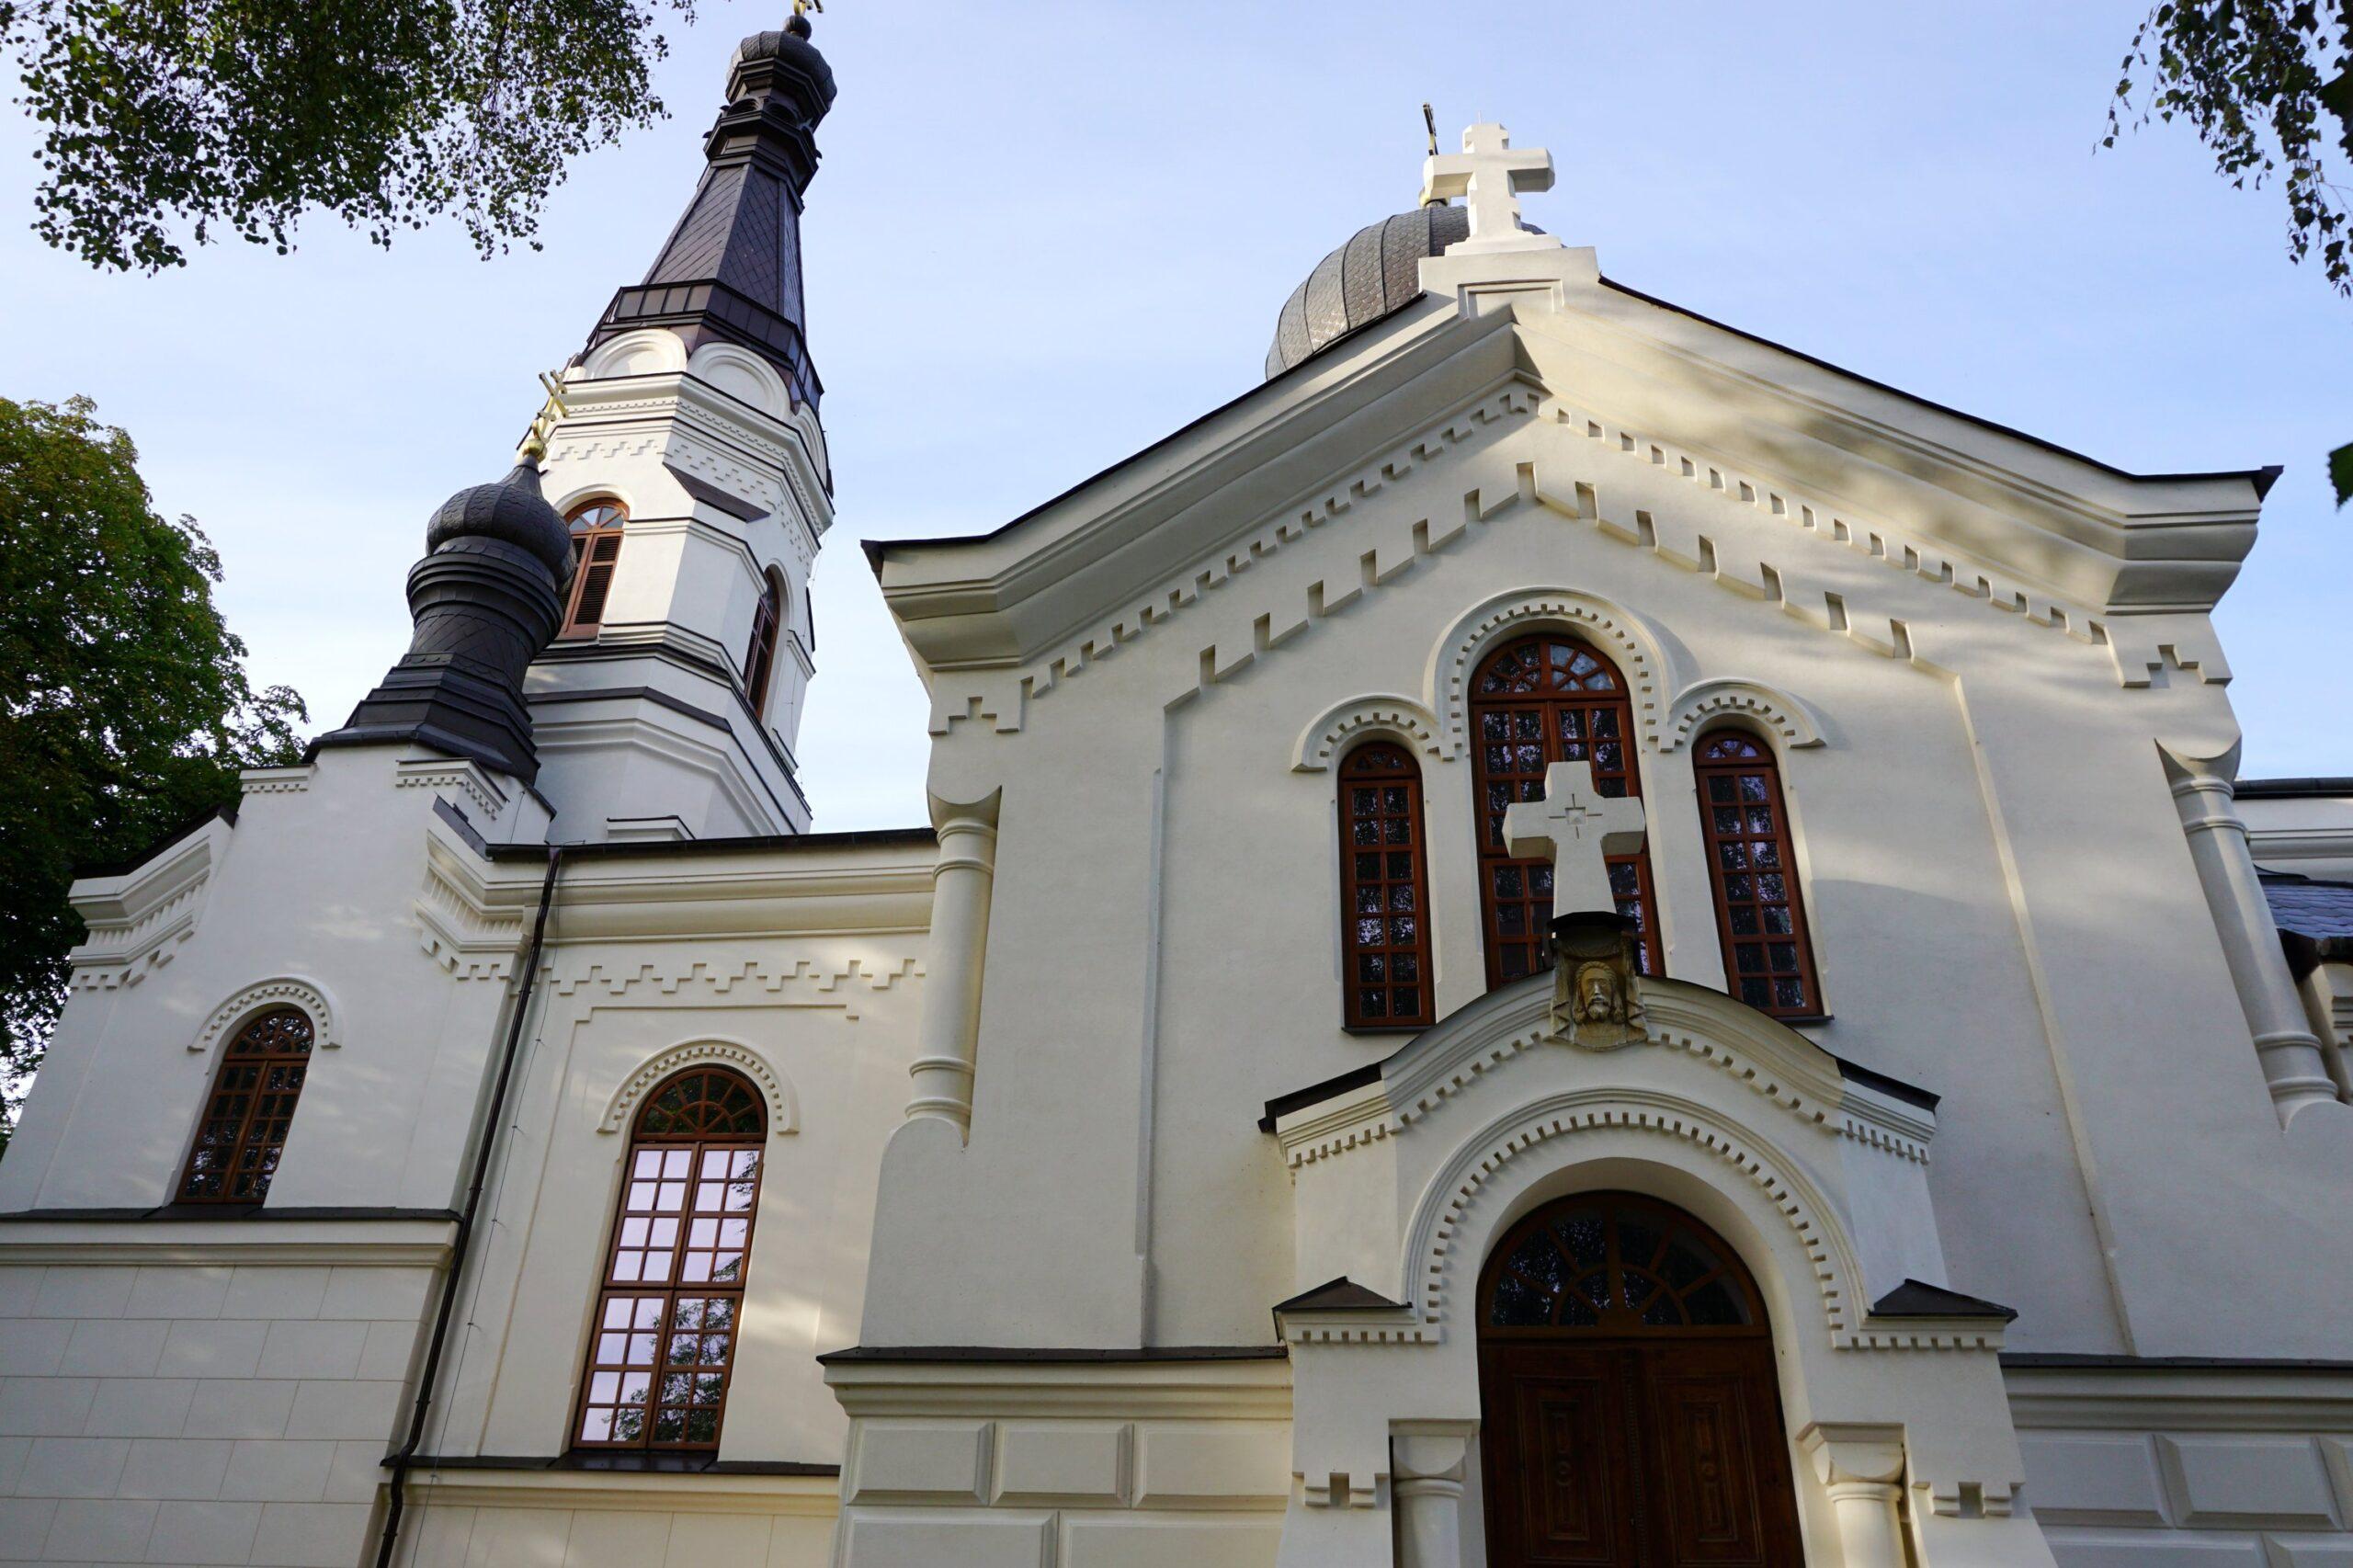 Budynek cerkwi we Włodawie, 2020 r.